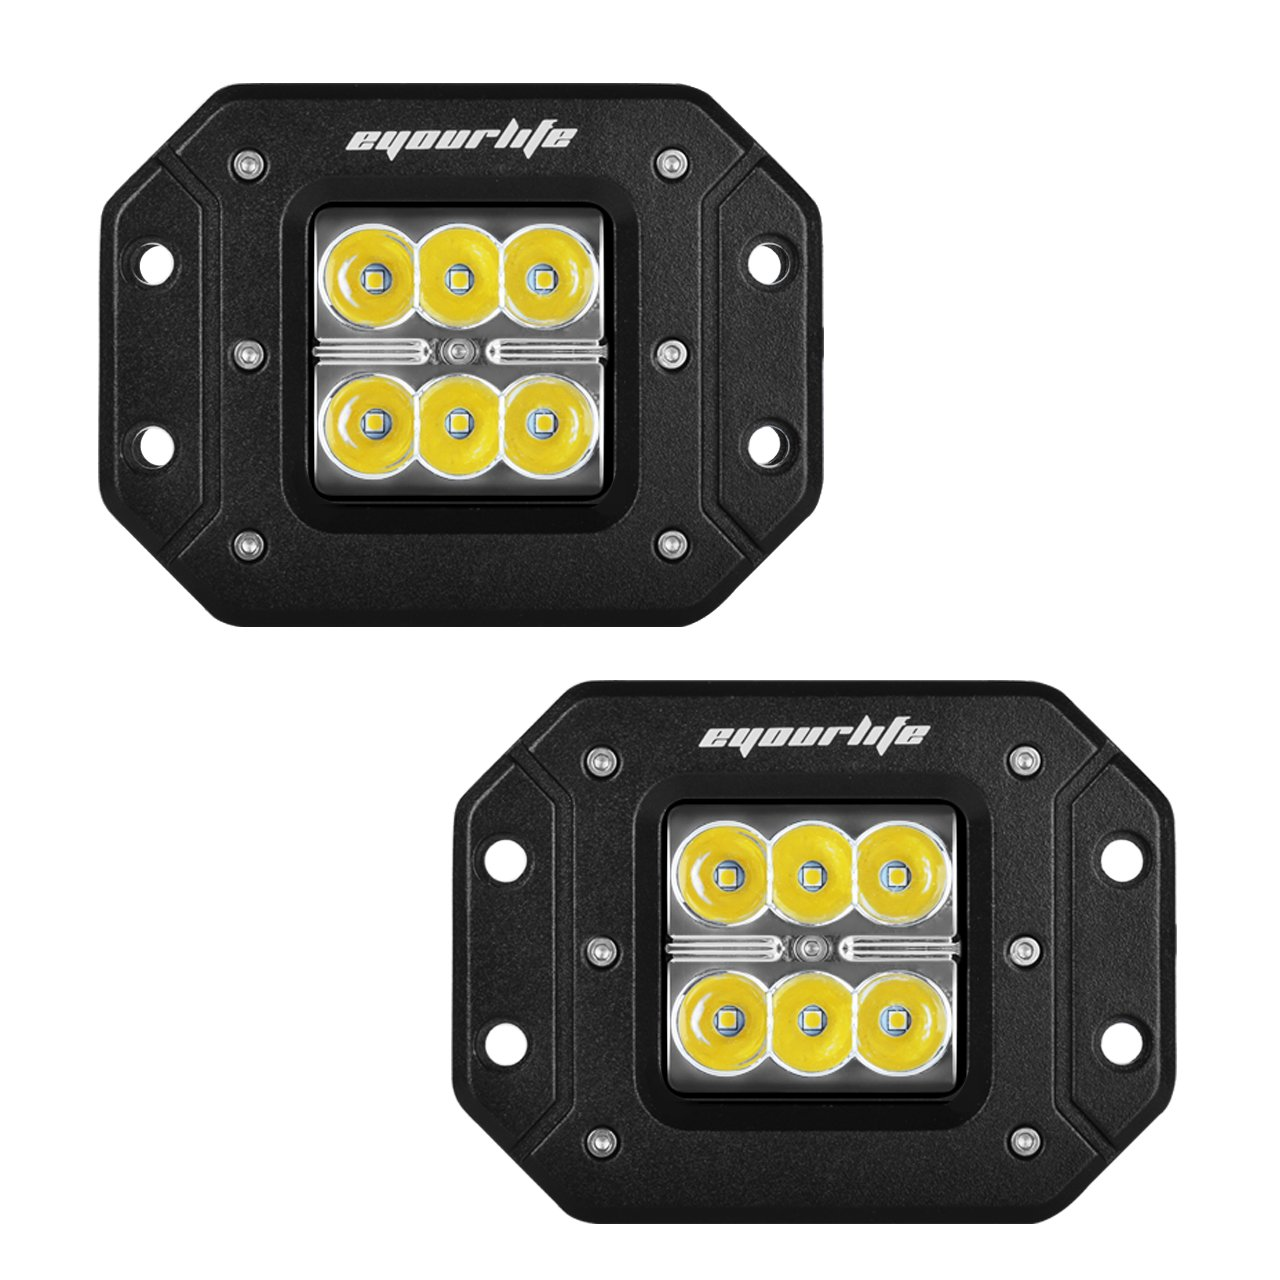 Buy Eyourlife 12v Light Bar Truck Light Bar Off Road Led